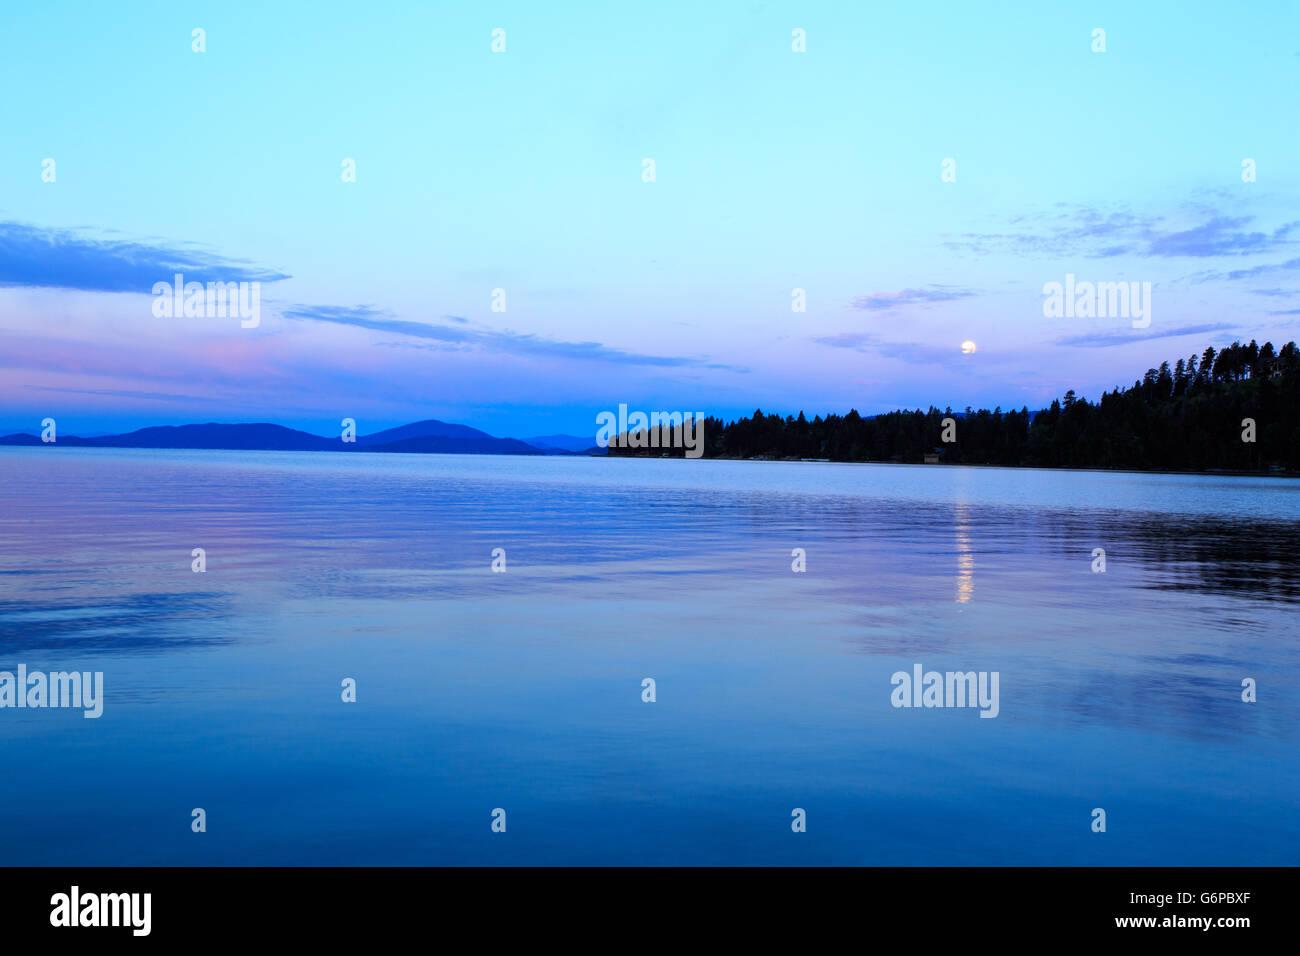 El paisaje y la puesta de sol sobre el Lago Flathead, Montana. Imagen De Stock